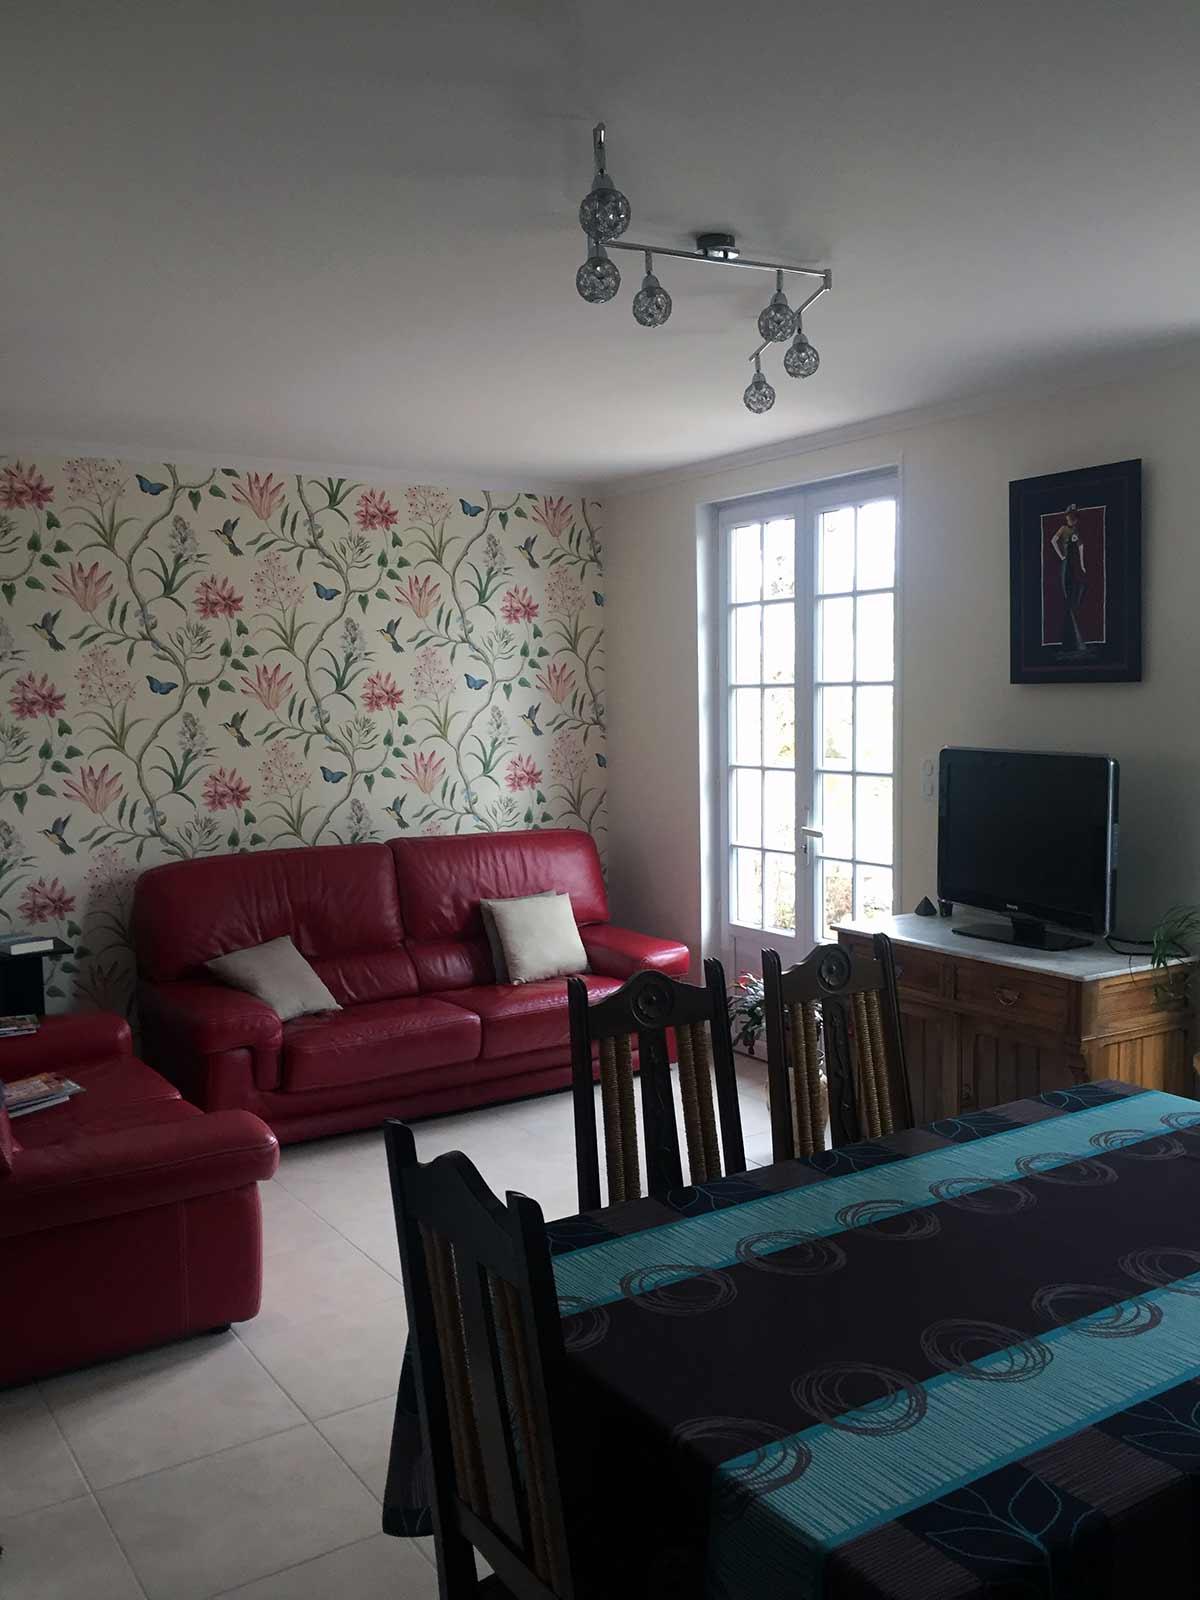 papier peint sanderson a tours duchesne d cors peintre d corateur tours 37. Black Bedroom Furniture Sets. Home Design Ideas